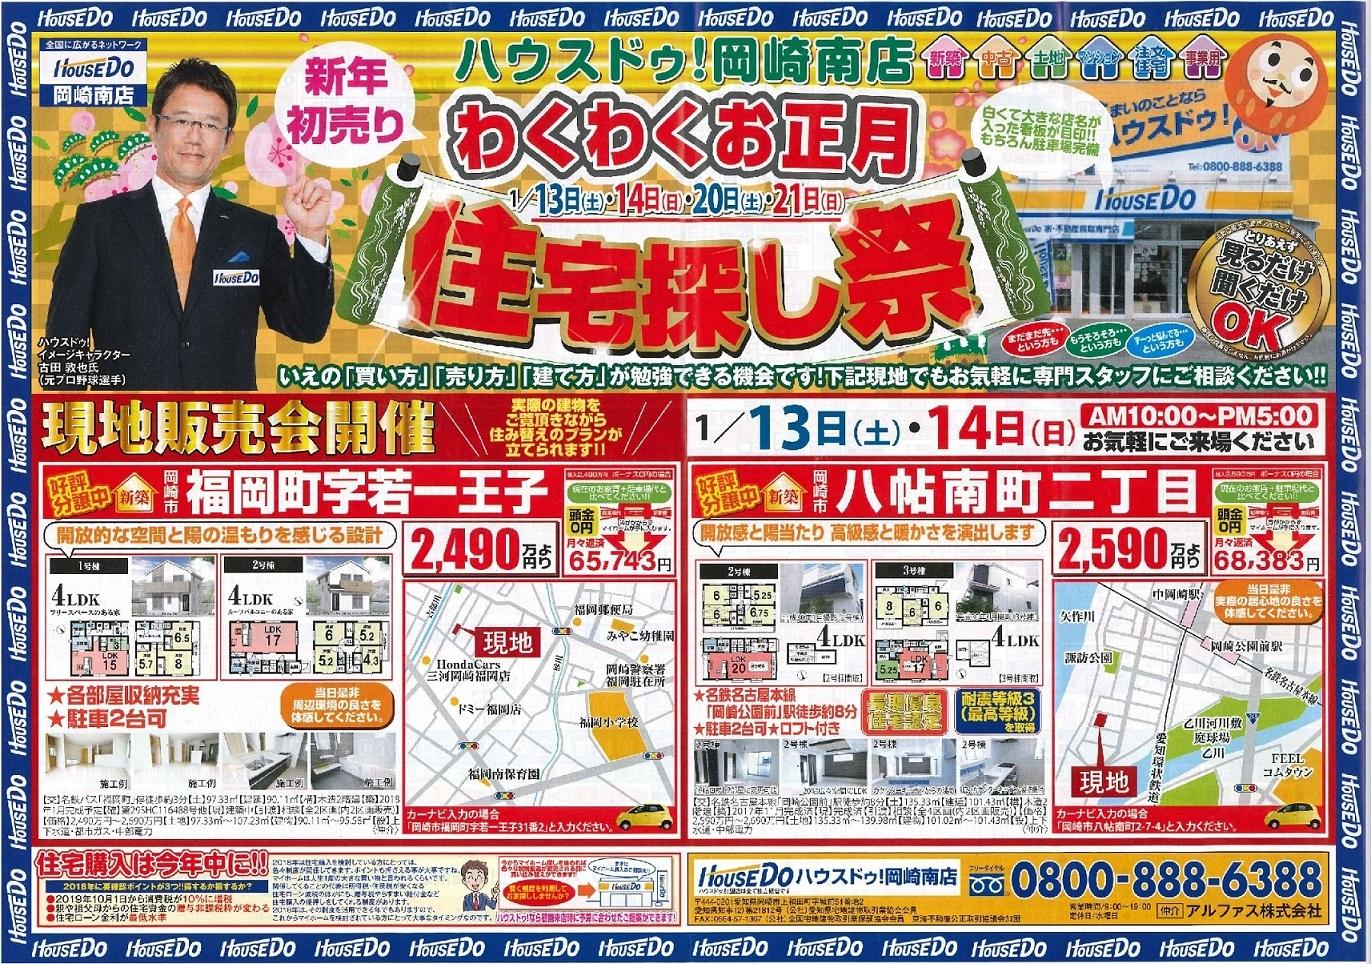 ♪ ハウスドゥ!岡崎南店 最新不動産チラシ 2018年1月号 ♪